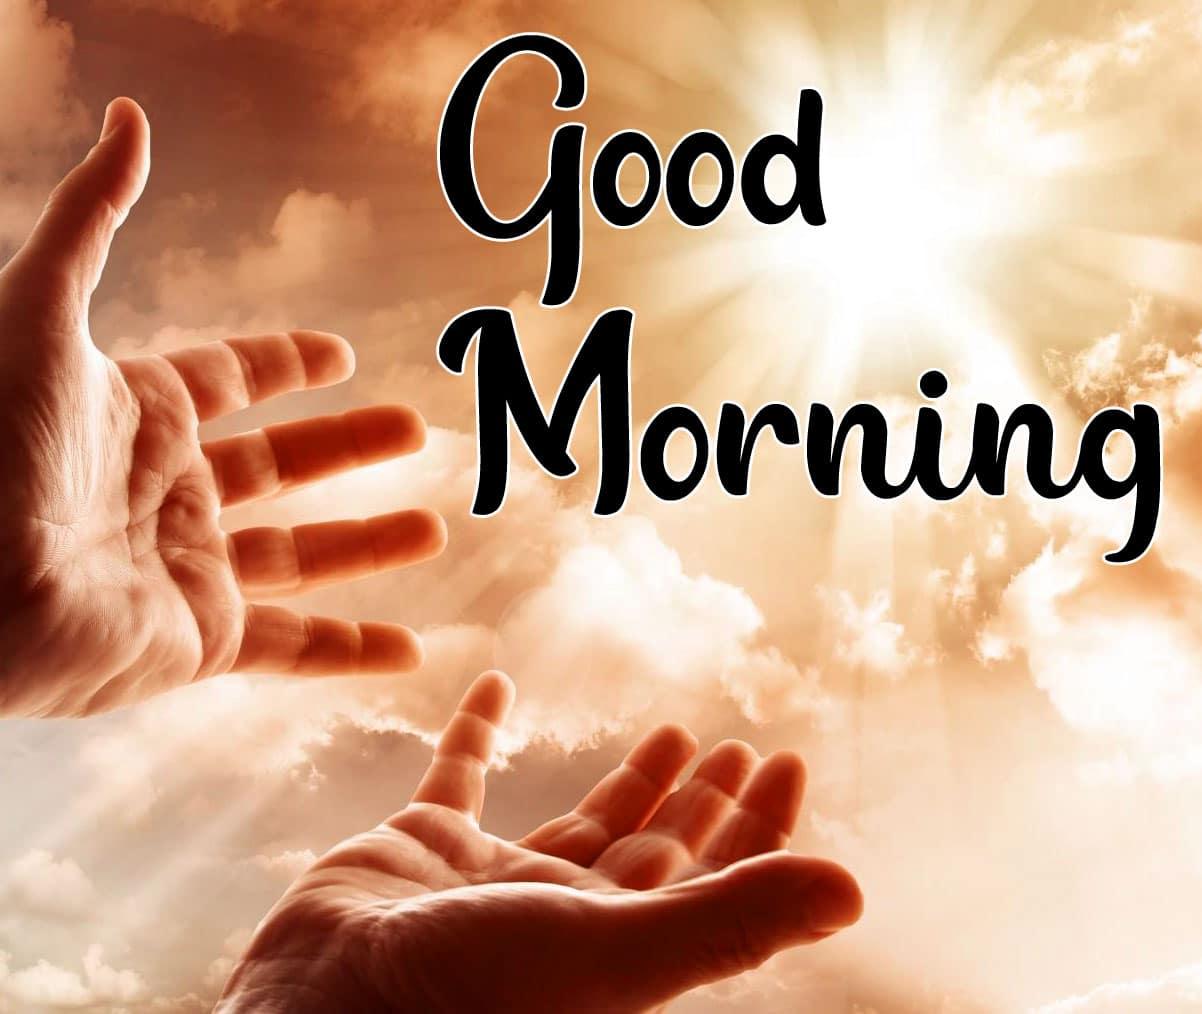 Jesus Pray Good Morning Images 91